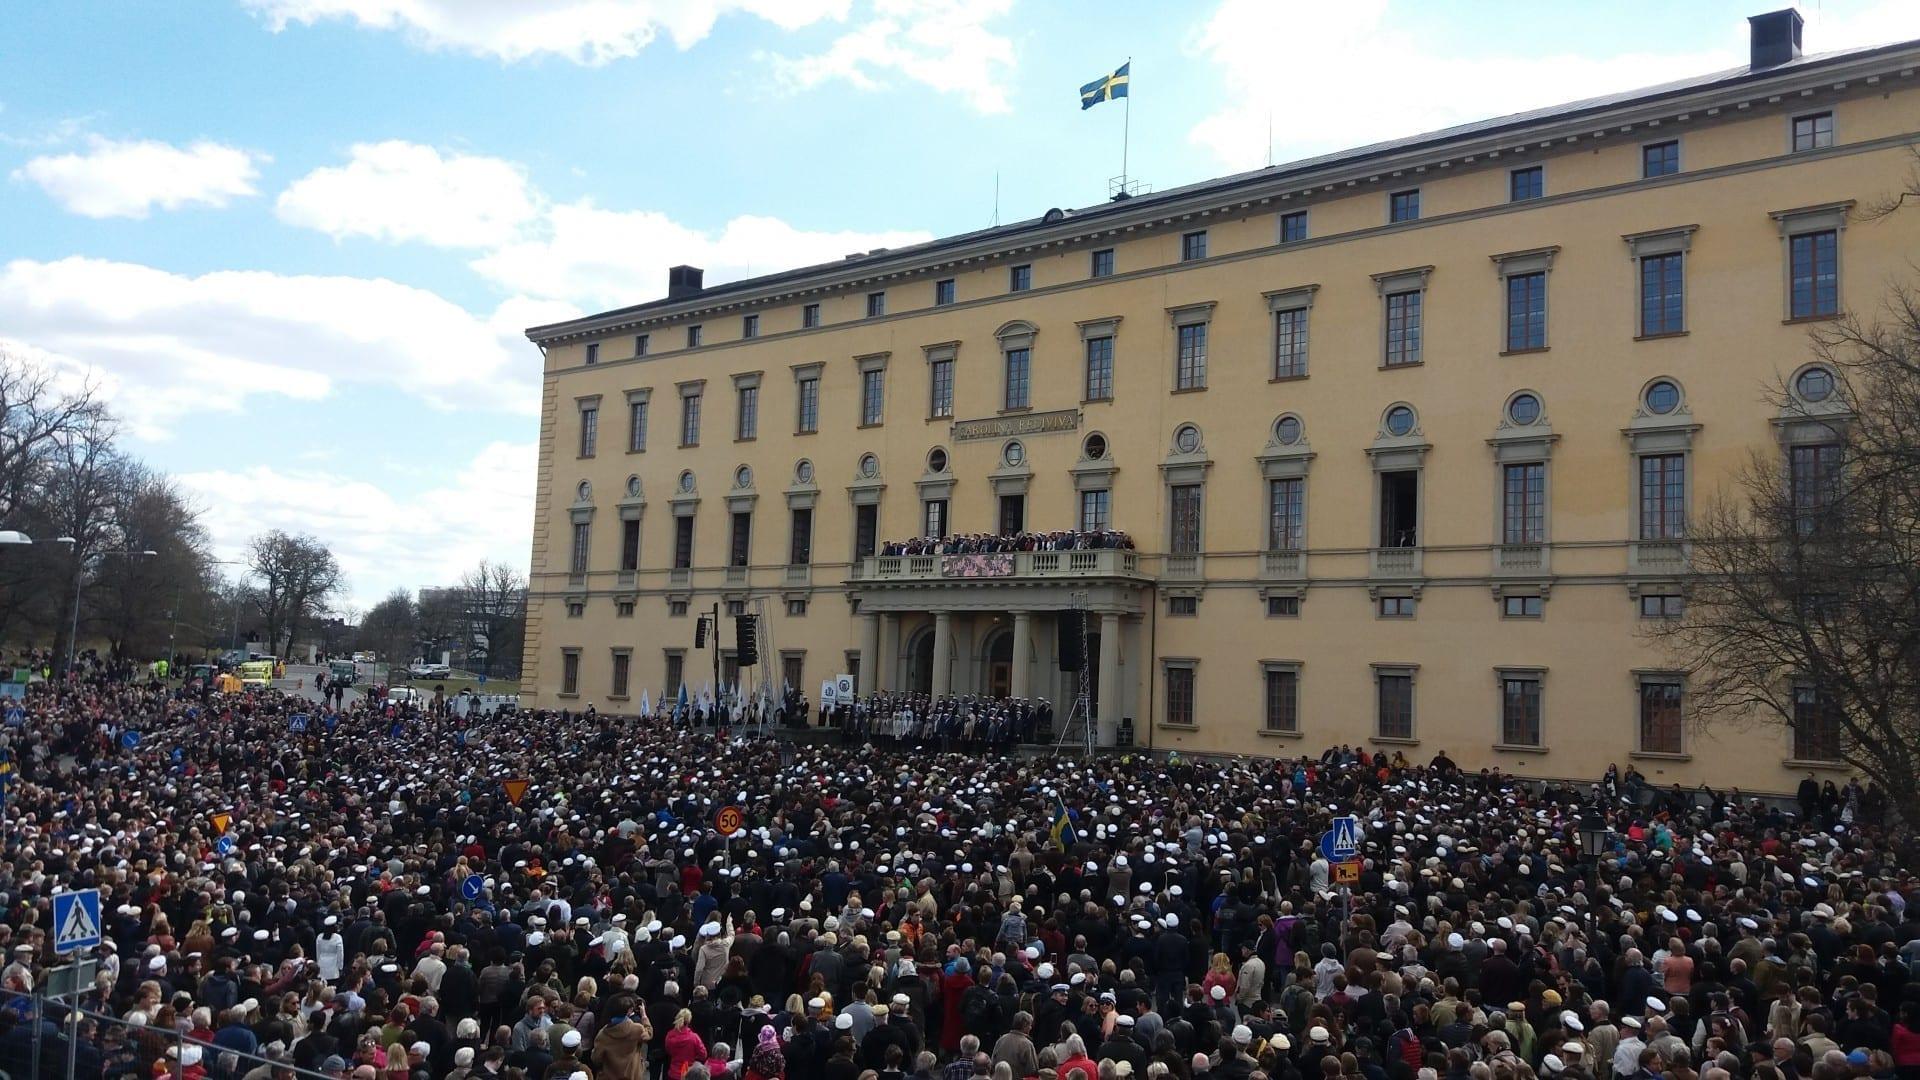 Celebración de Valborg en las afueras de Carolina Rediviva. Uppsala Suecia